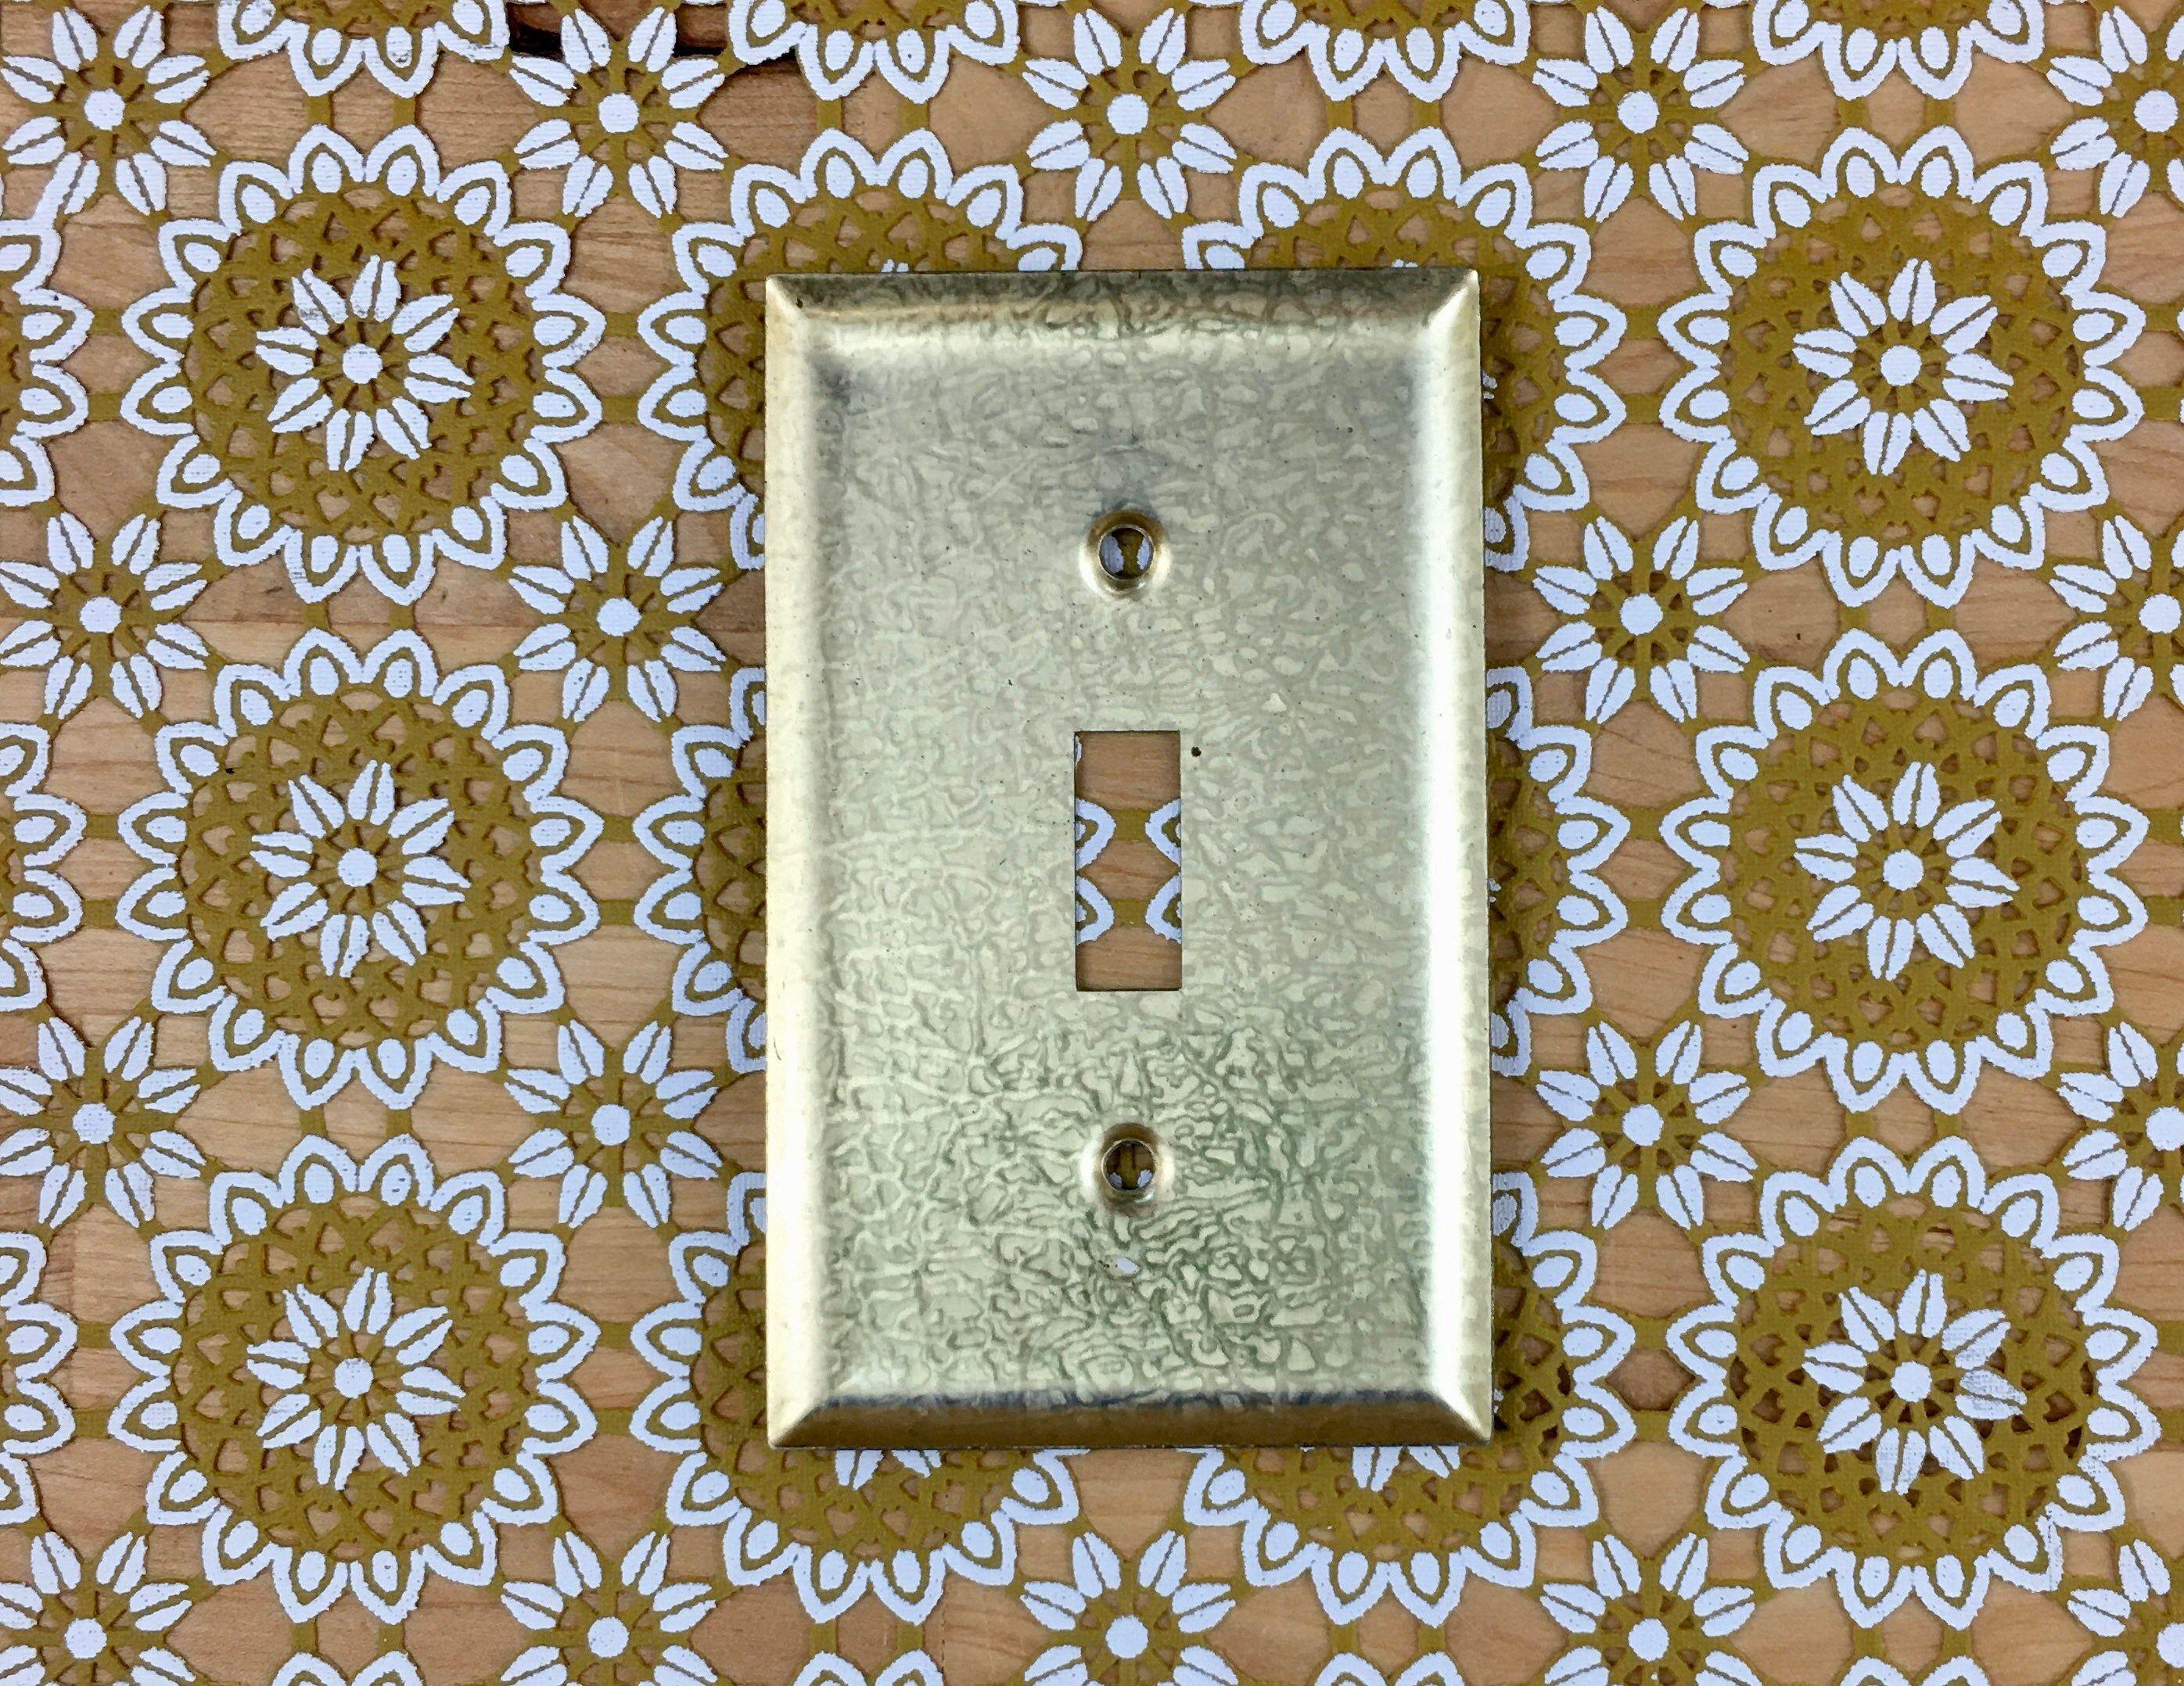 Pin On Loft Attic Earth Vintage Treasures